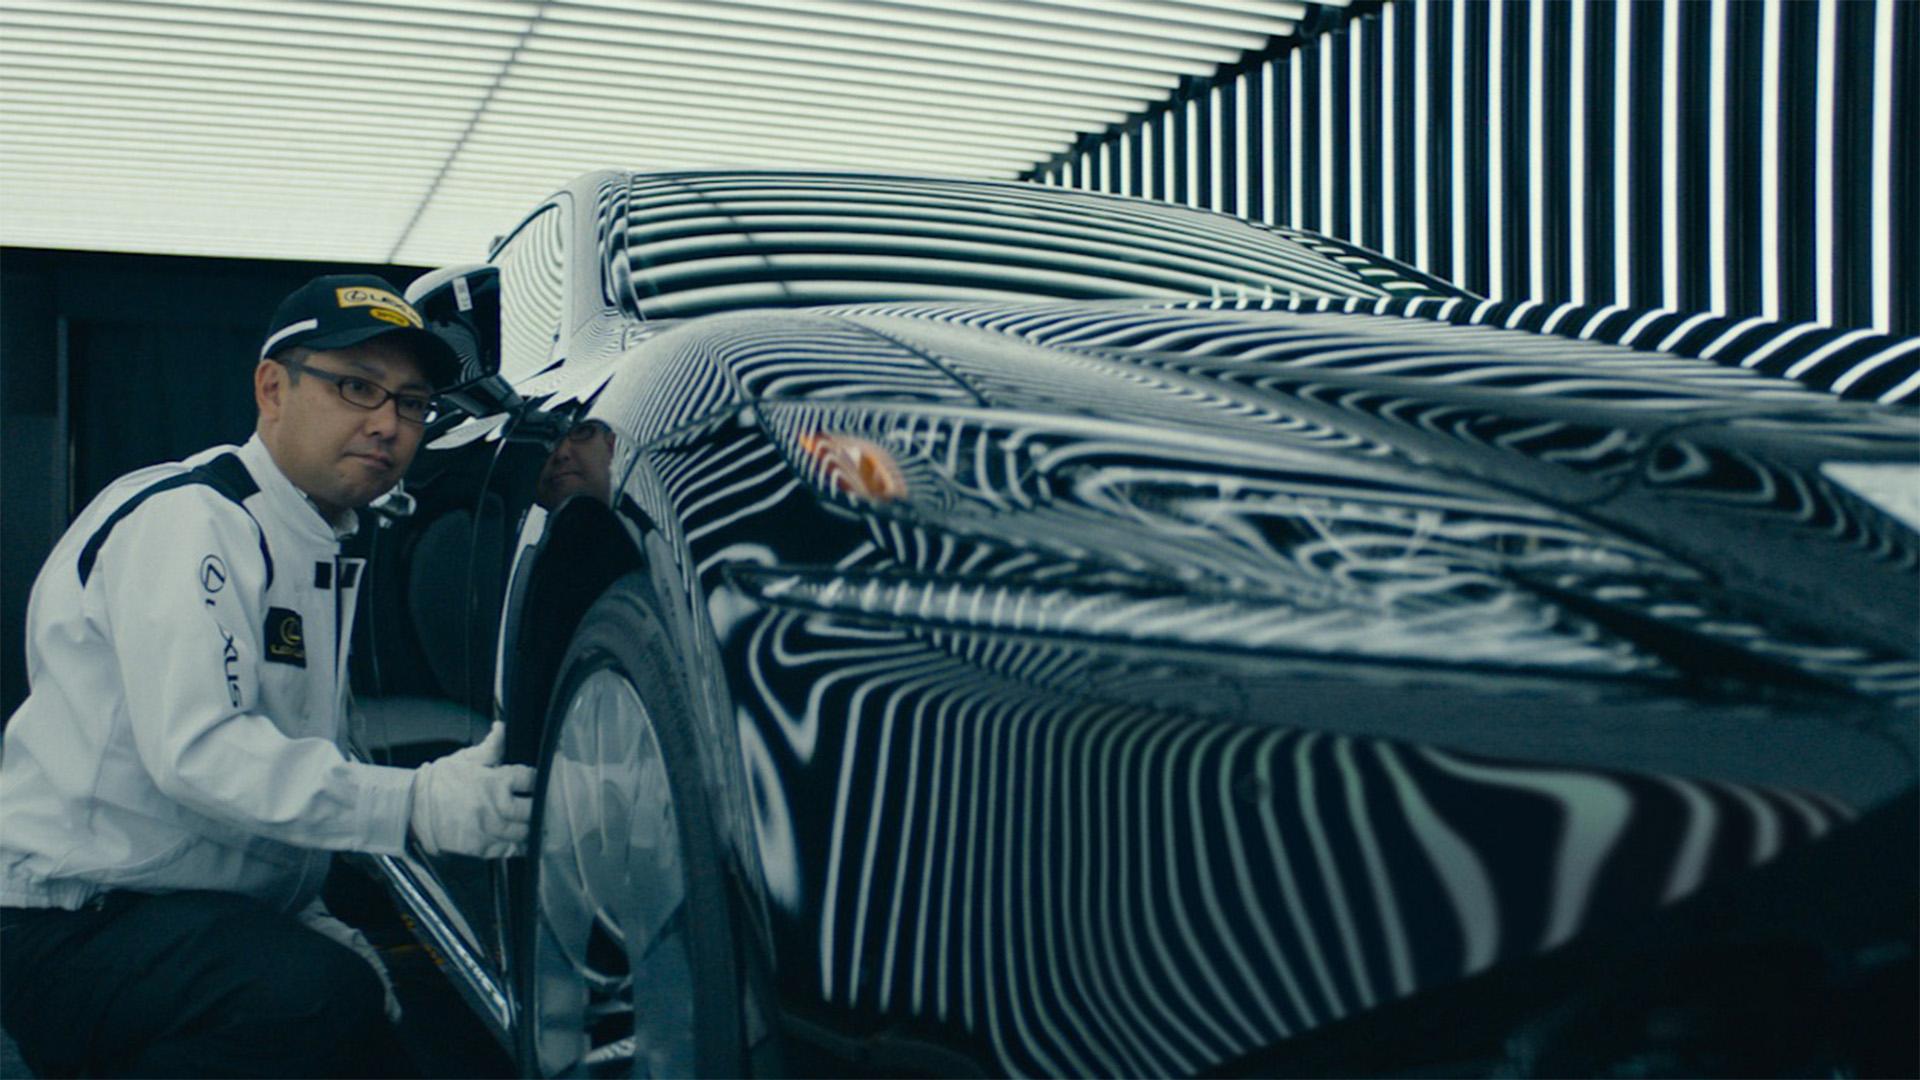 19 2019 021 Waarom Lexus meer dan een autofabrikant is 1920x1080 galerij